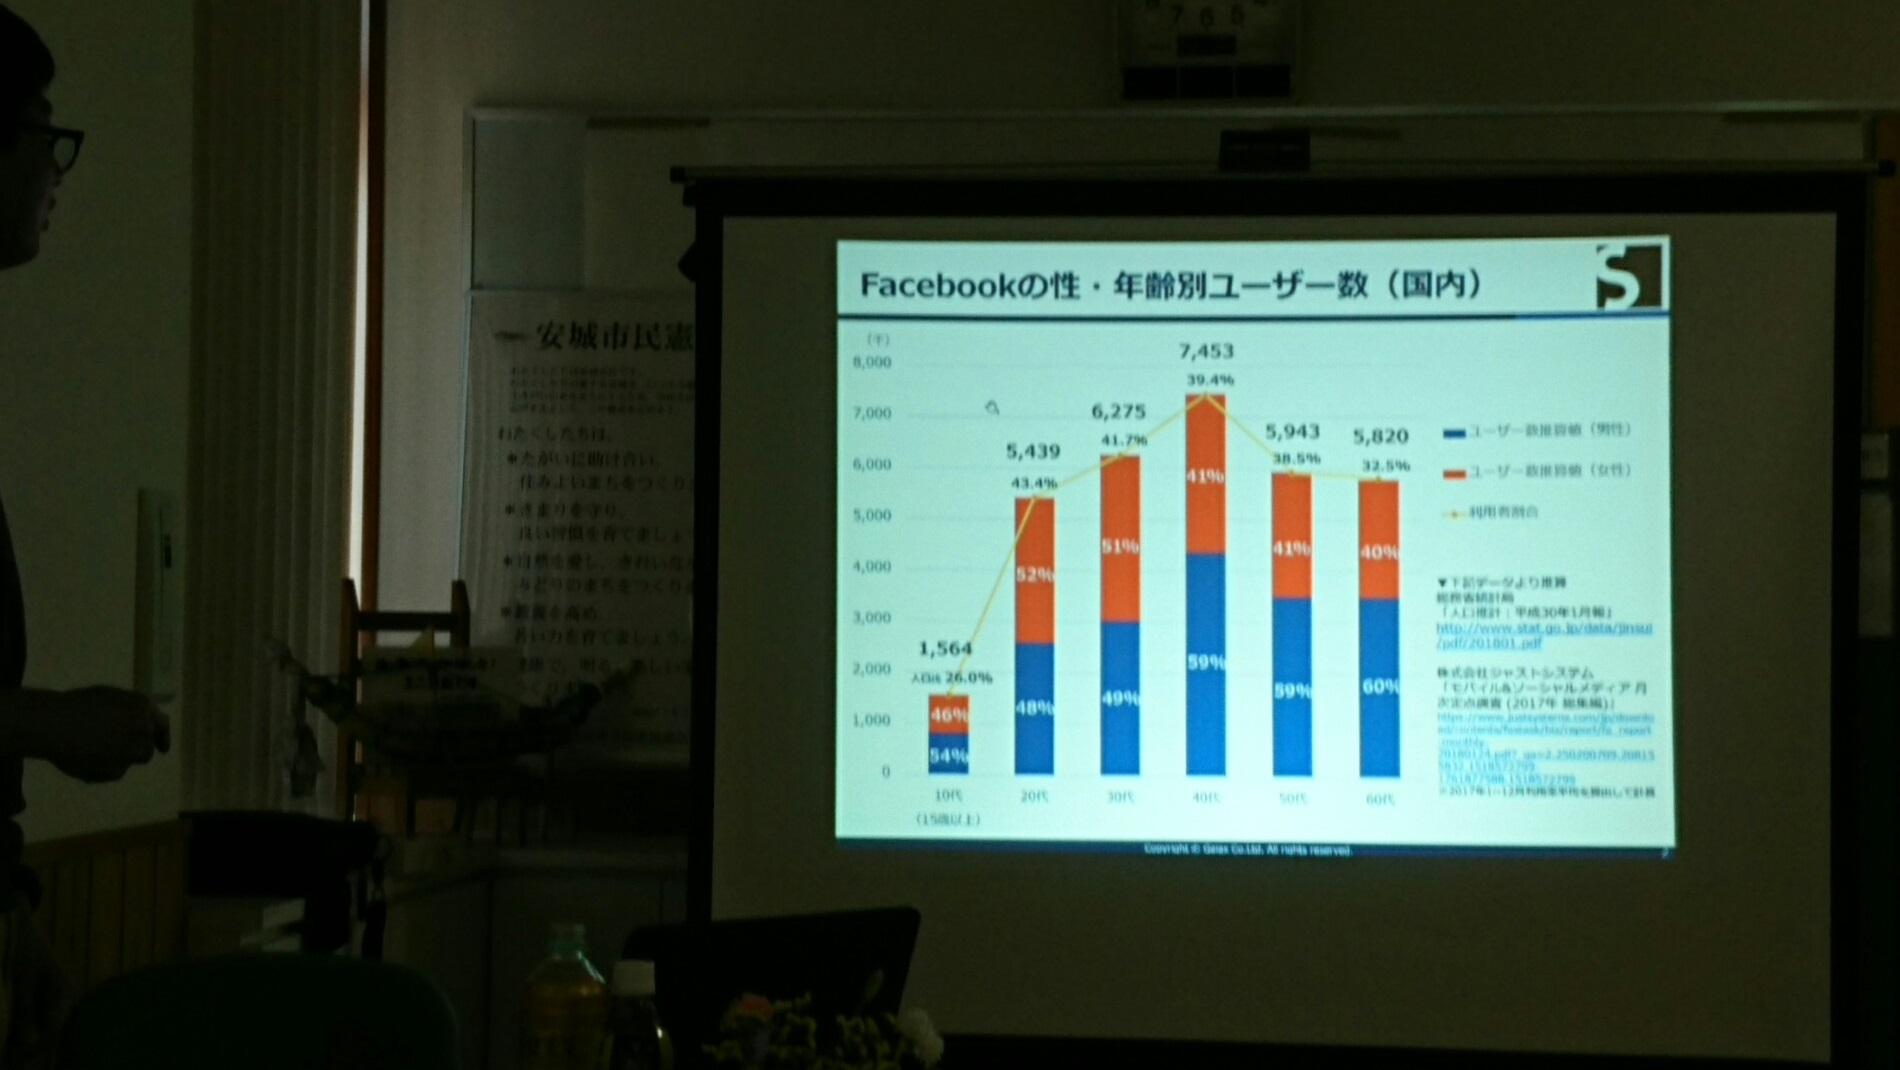 2018.5.19 わくわくセンター - フェースブック講座 (1) フェースブック 1900-1070